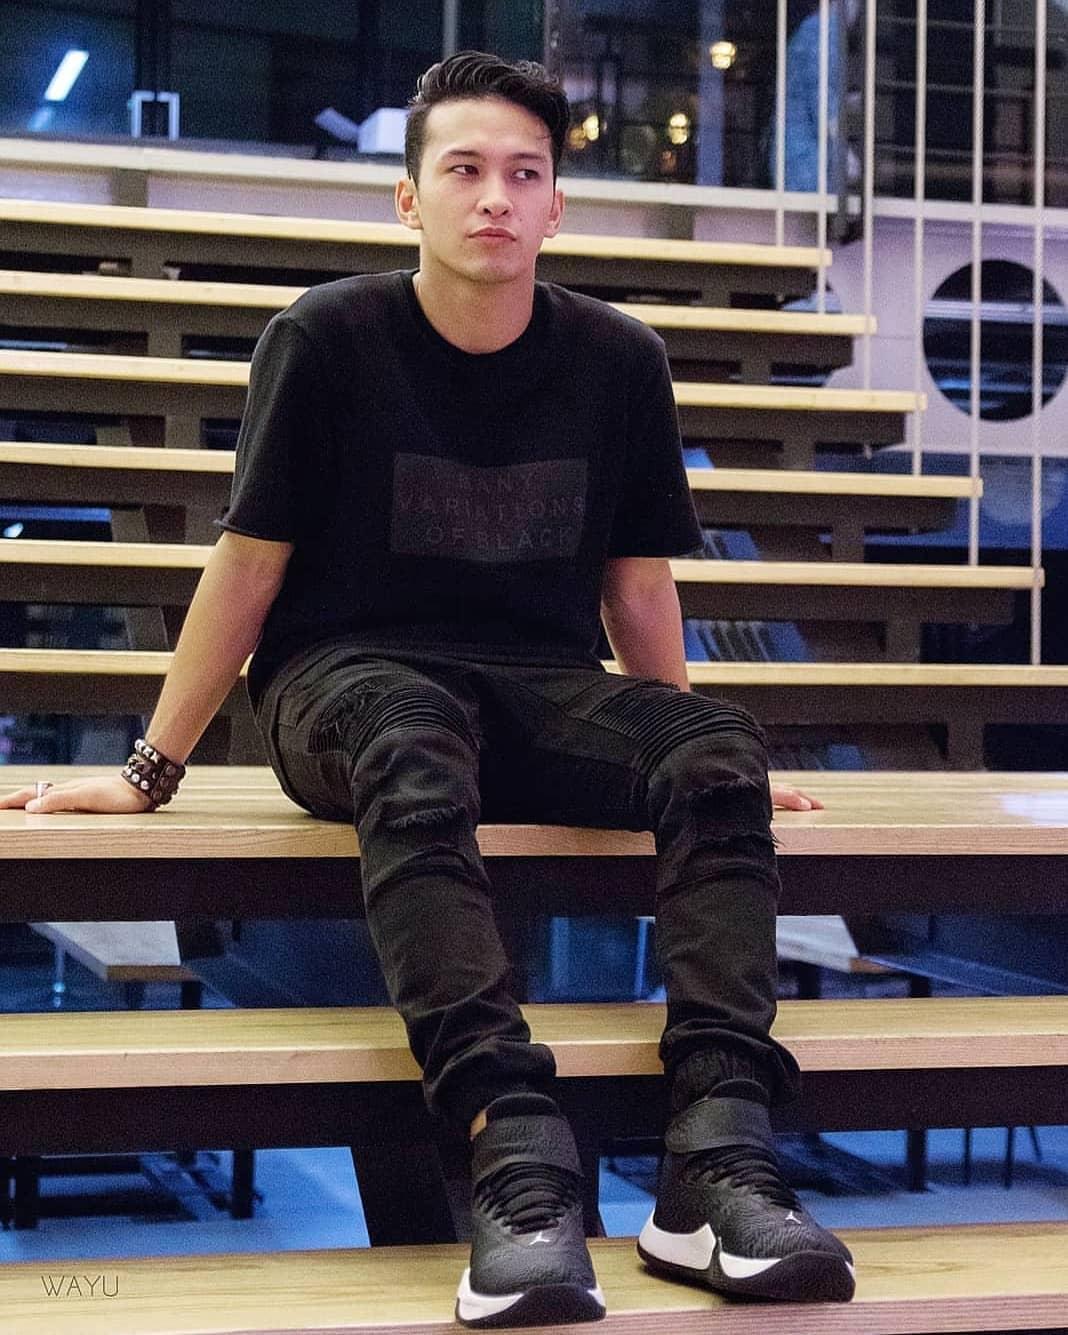 Phong cách All Black chắc chắn khiến mọi anh chàng ưa chuộng